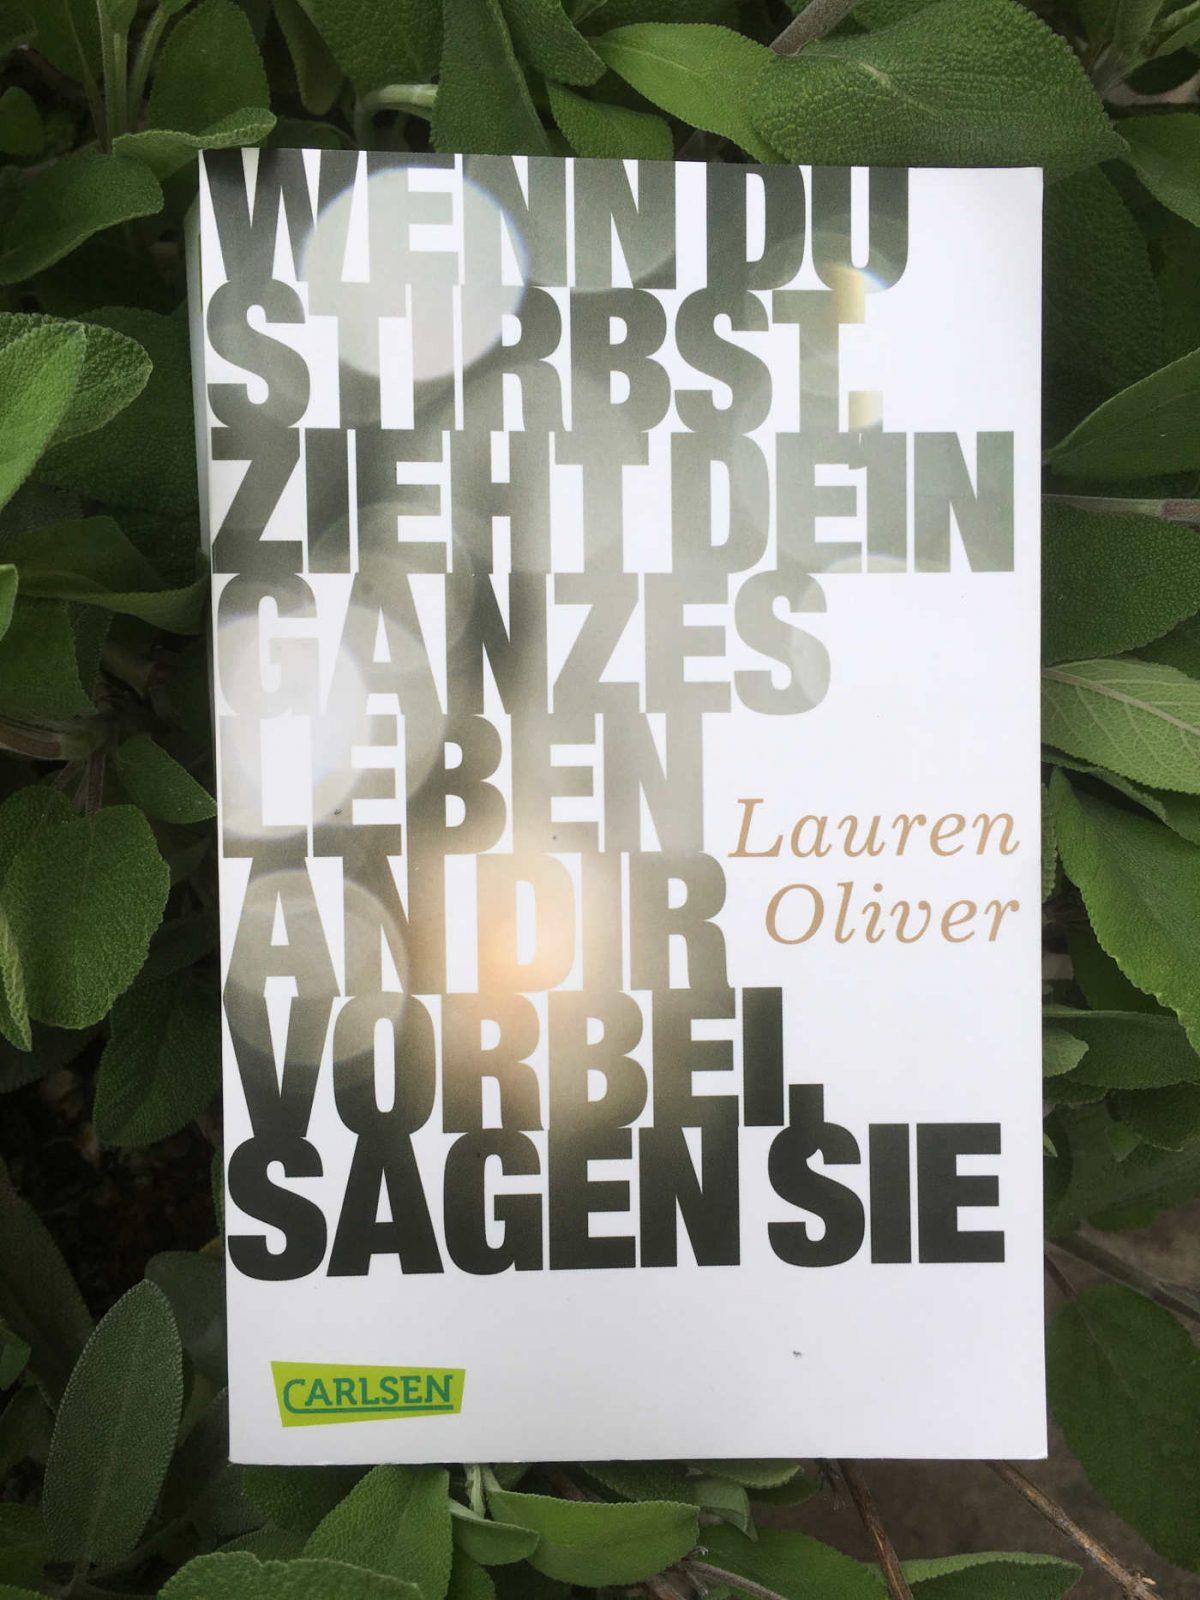 Lauren Oliver: Wenn du stirbst, zieht dein ganzes Leben an dir vorbei, sagen sie